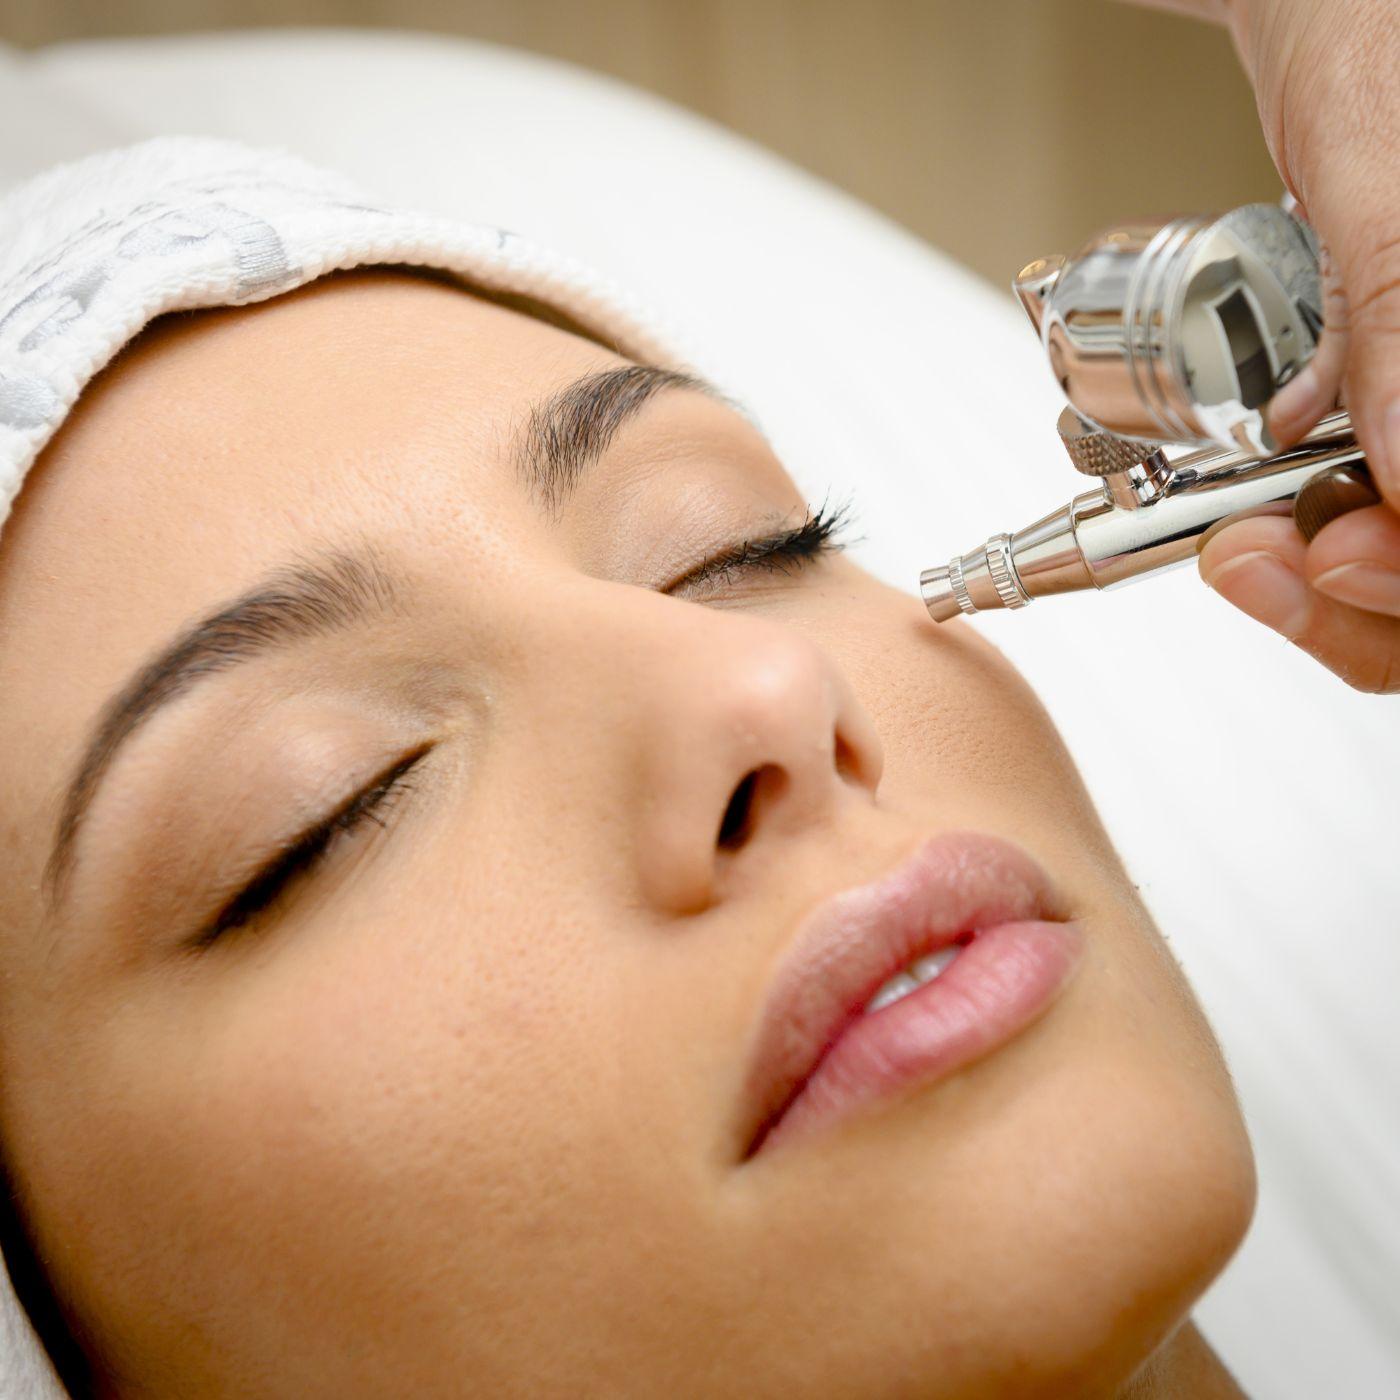 paciente recibiendo tratamiento de oxigenoterapia facial